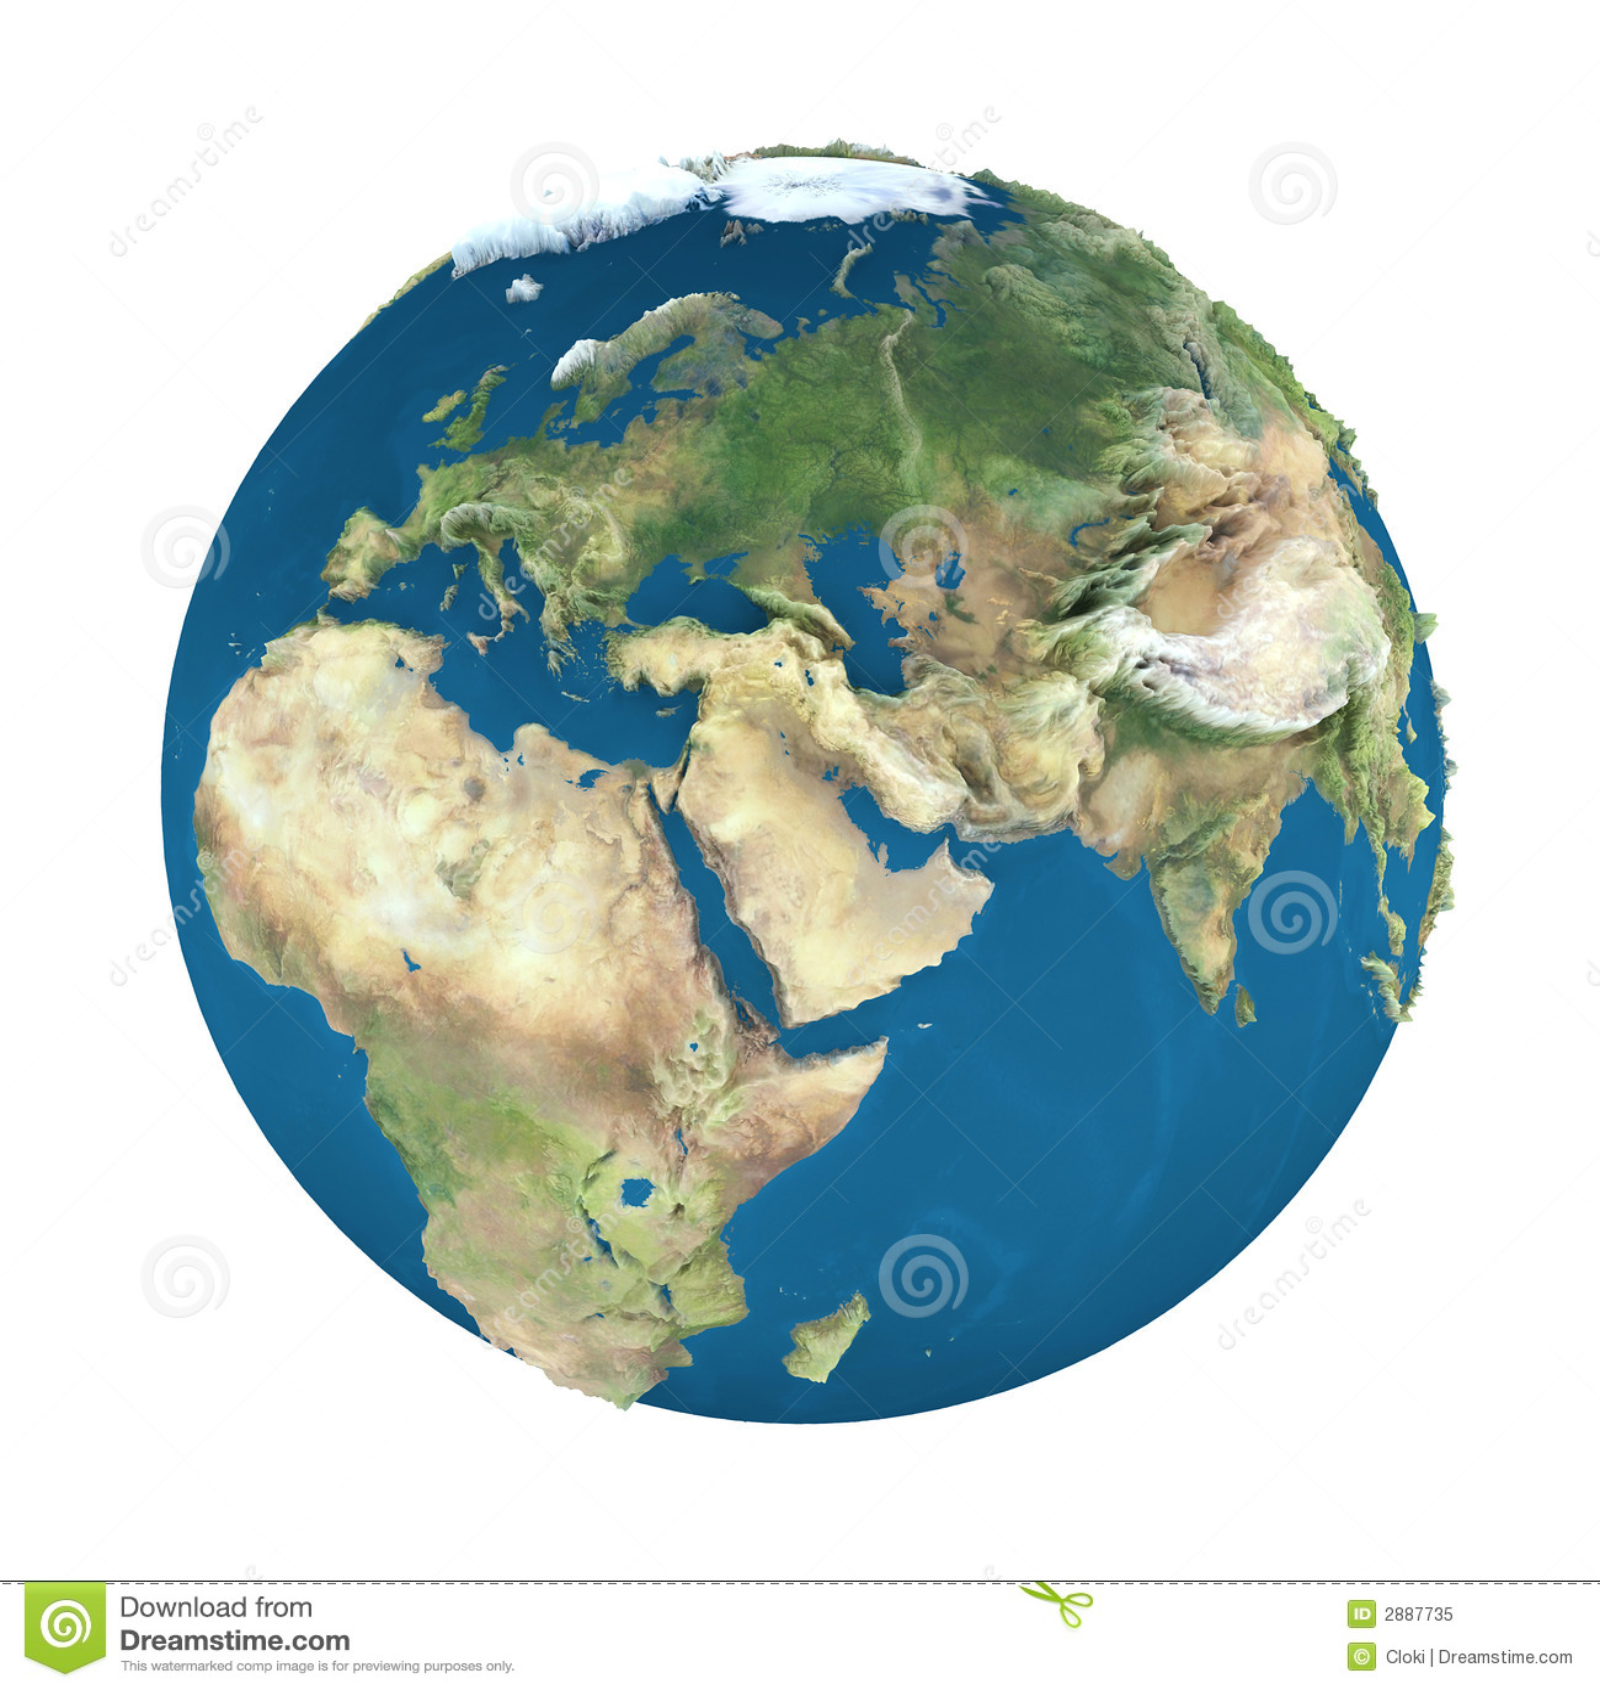 Erdekugel, getrennt auf Weiß